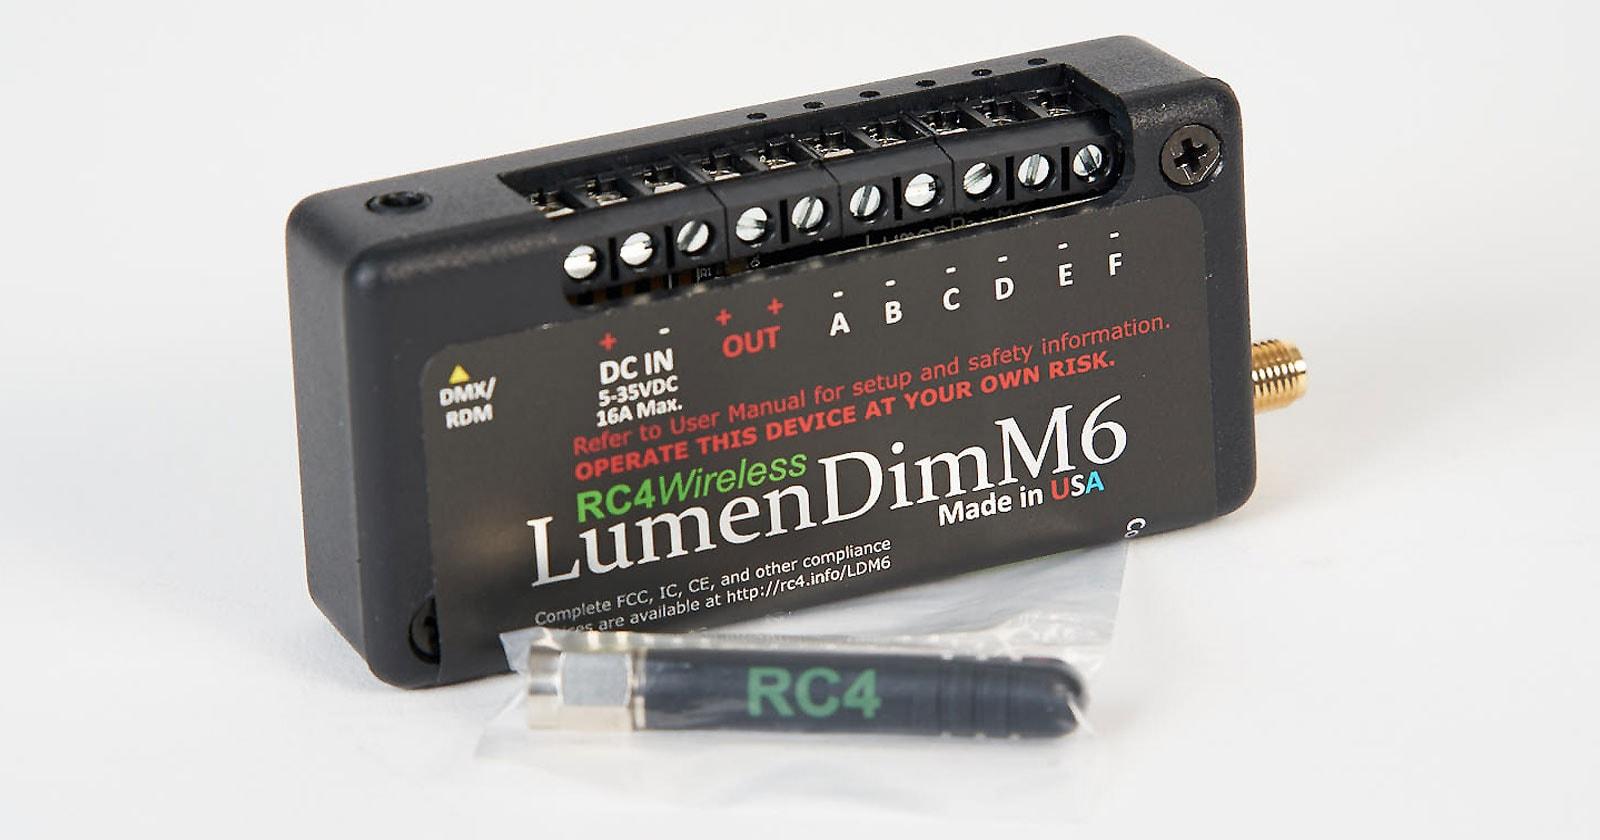 LumenDimM6 Miniature CRMX wireless DMX dimmer, 6 channels